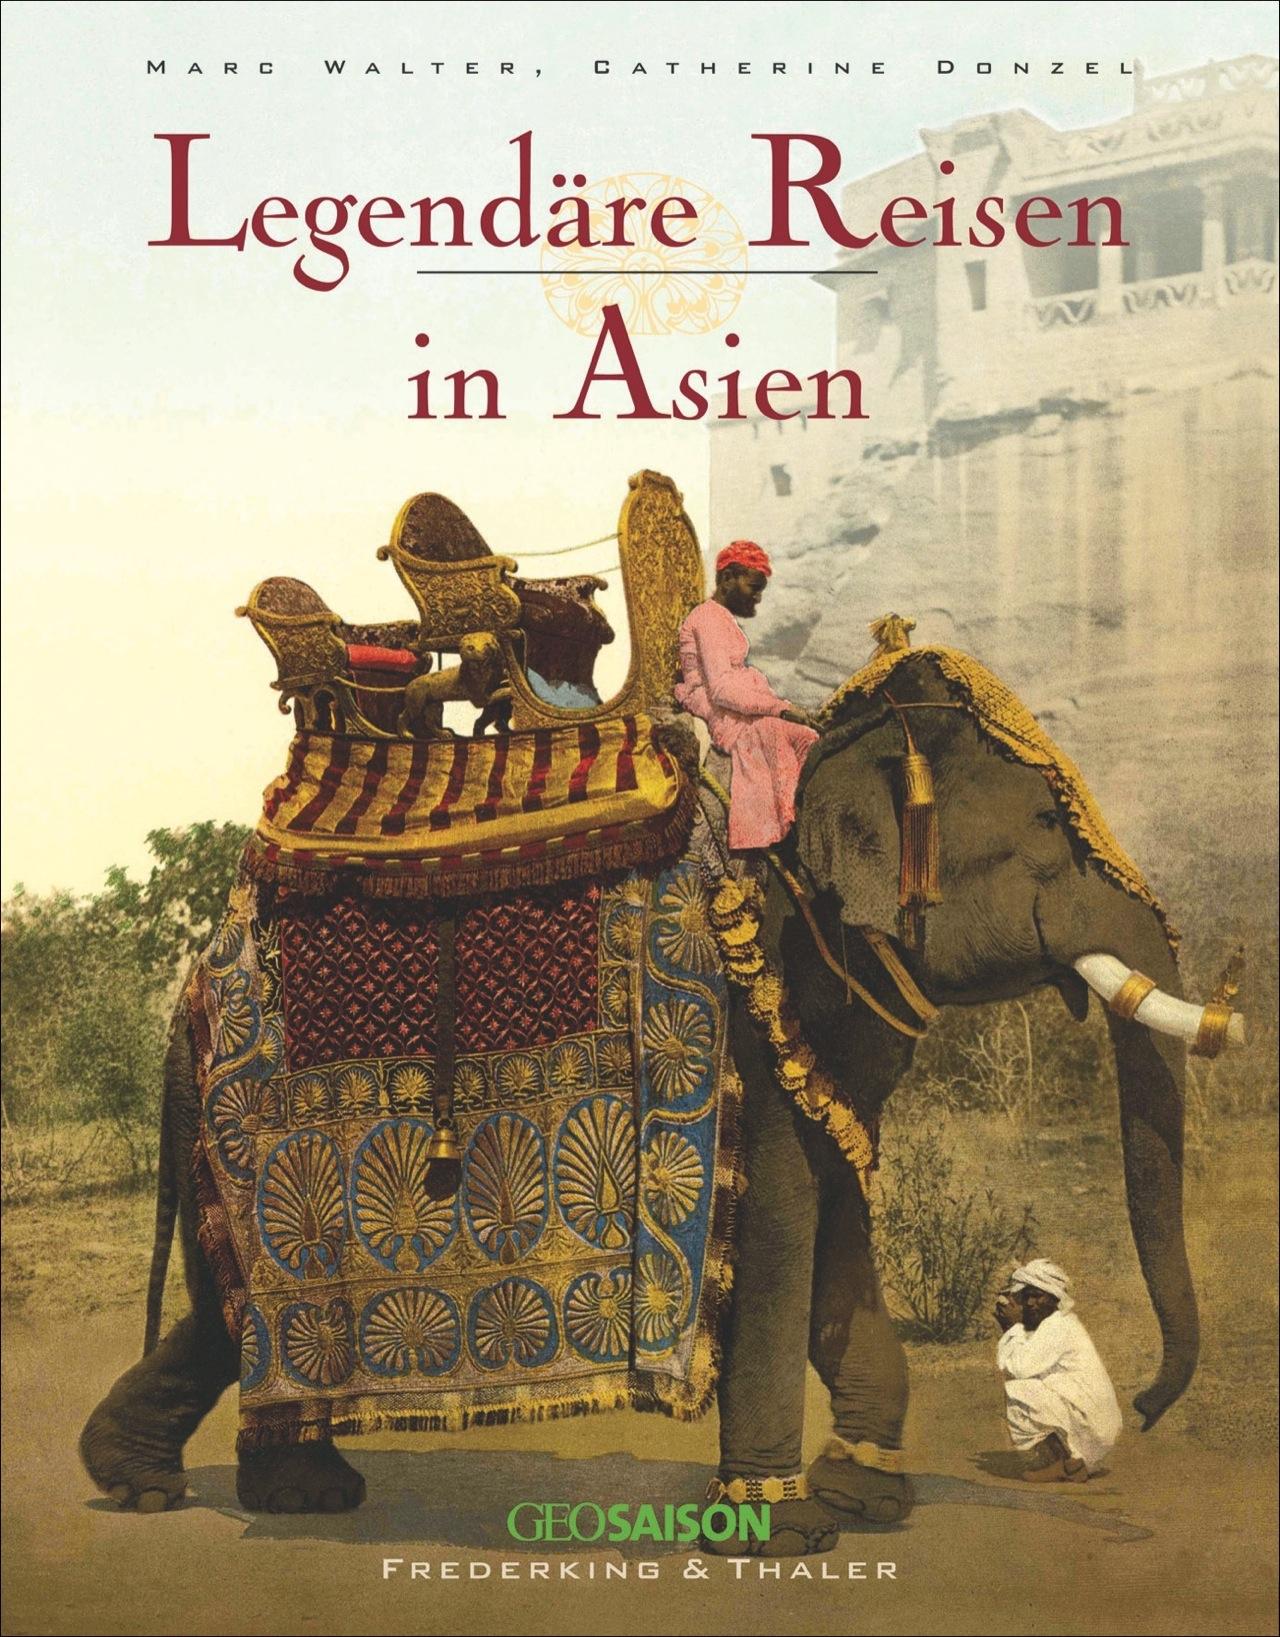 Legendäre Reisen in Asien, Marc Walter